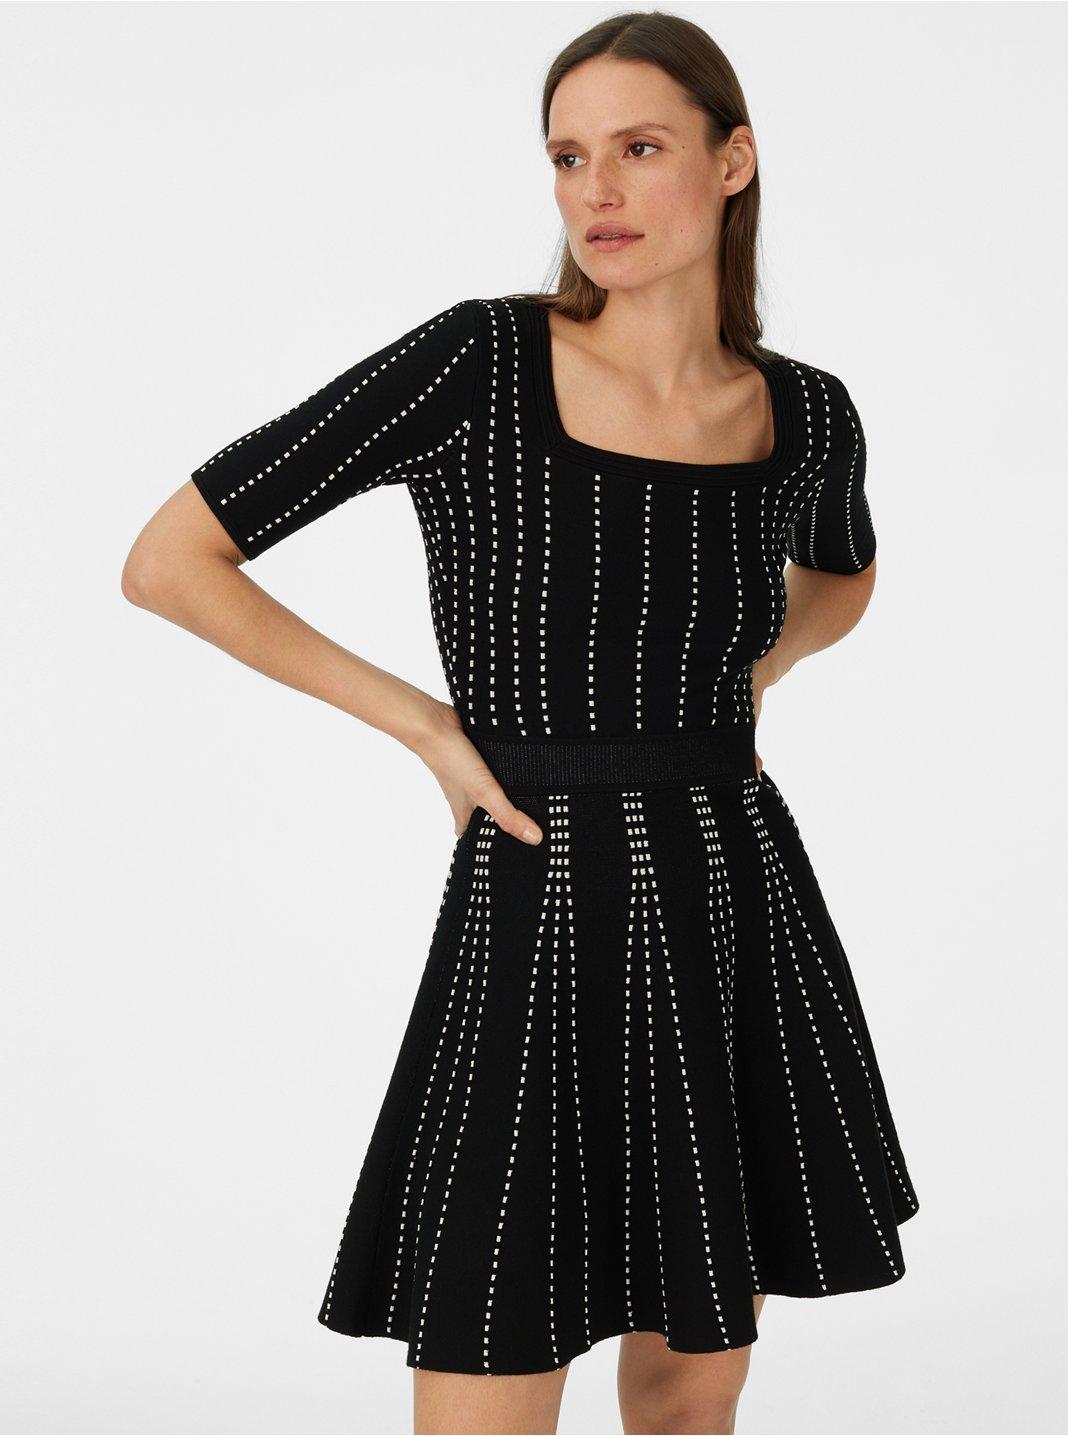 Teddiko Sweater Dress